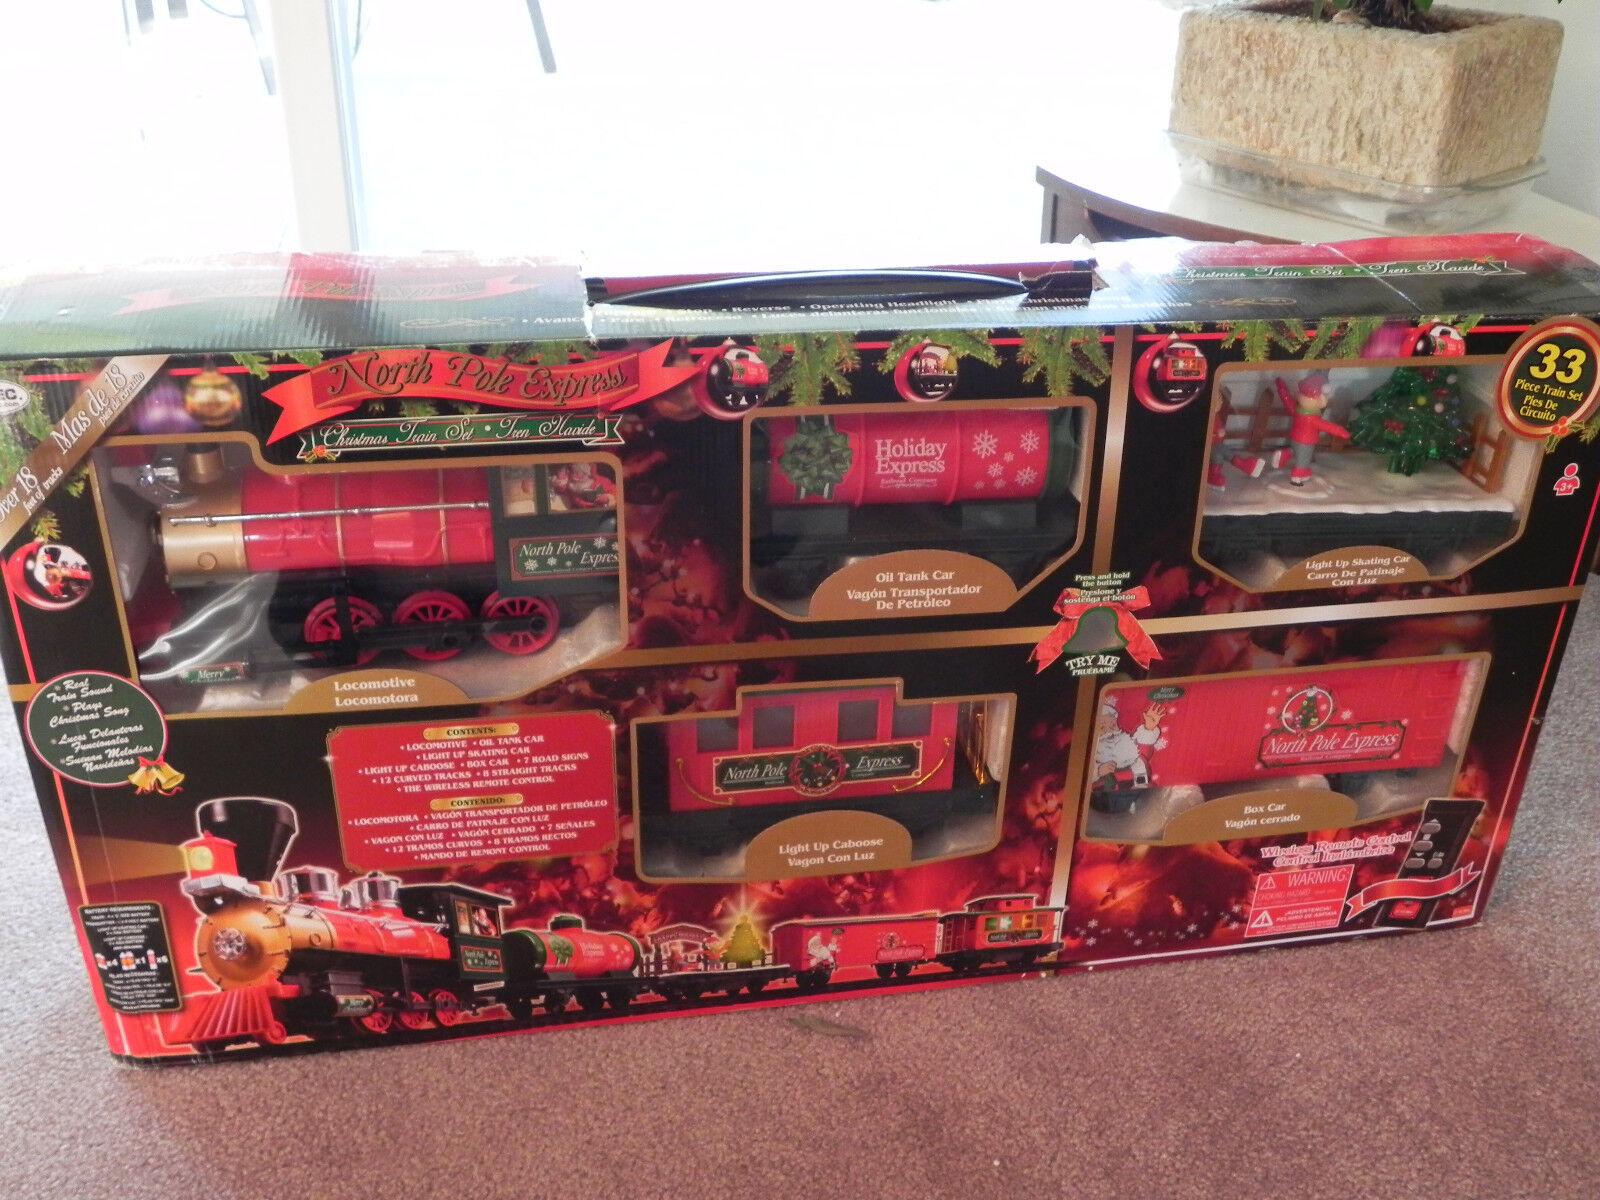 Polo Norte Express Train Set 33 Piezas De Navidad-control remoto por Eztec 37297